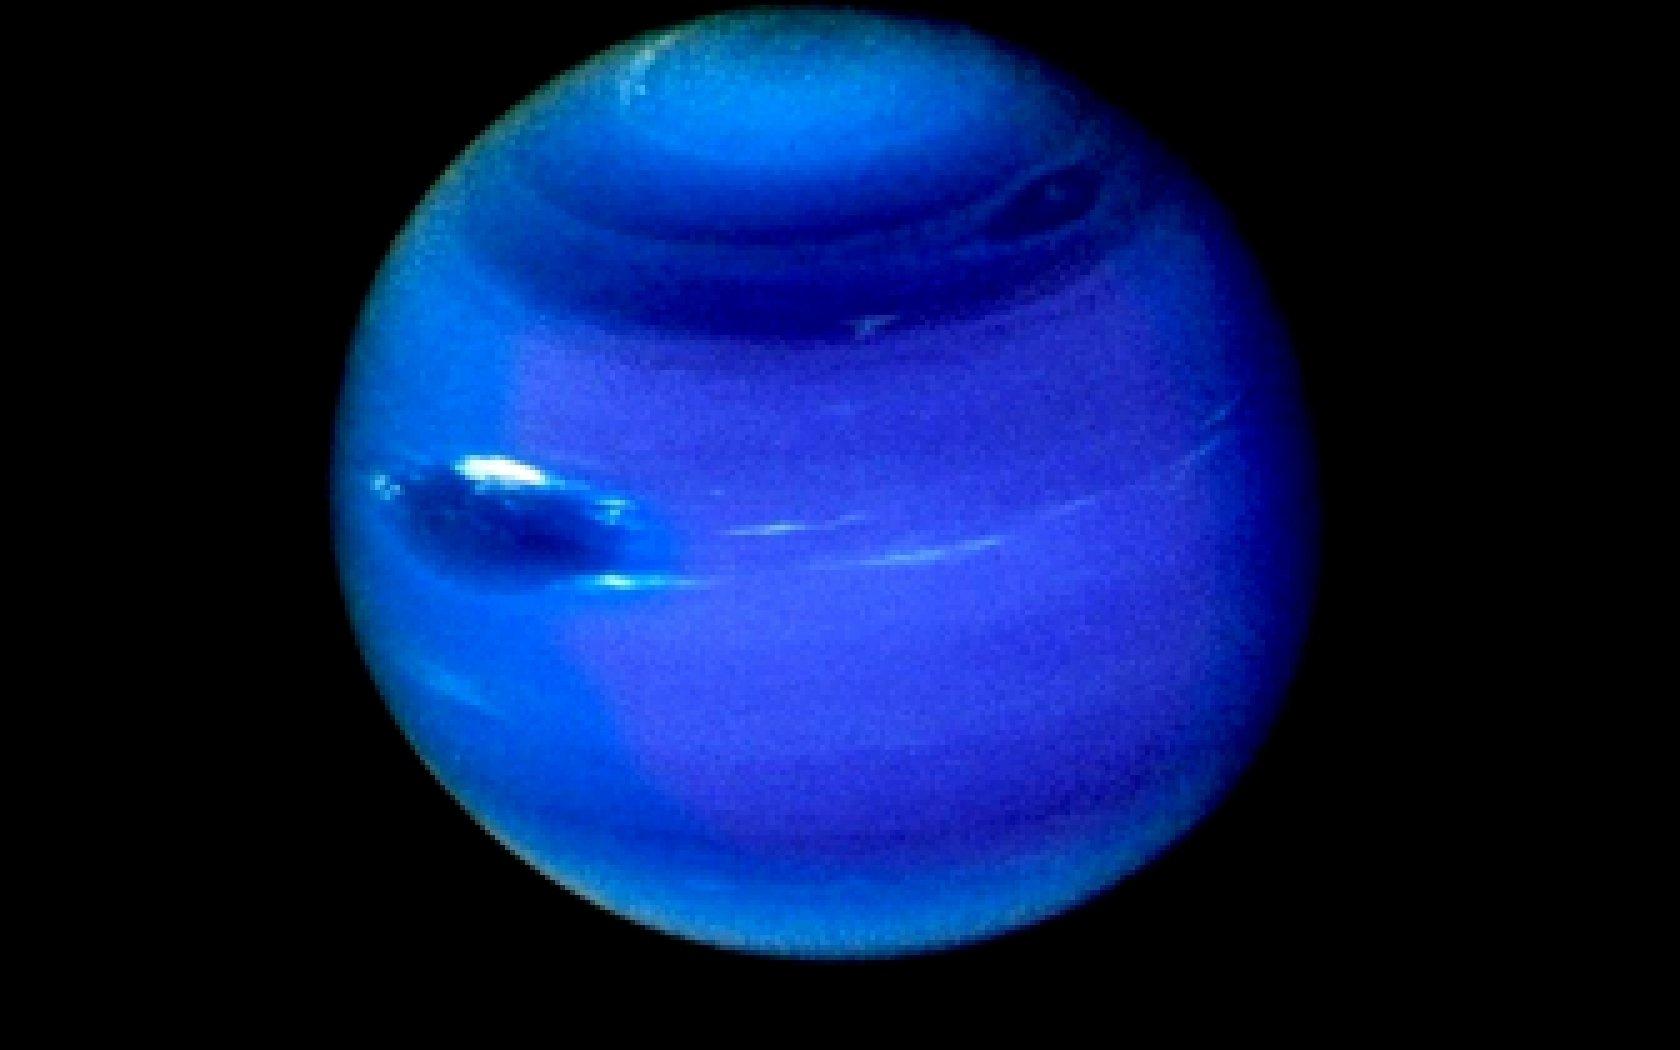 Ученые обнаружили наповерхности Нептуна новые загадочные темные пятна